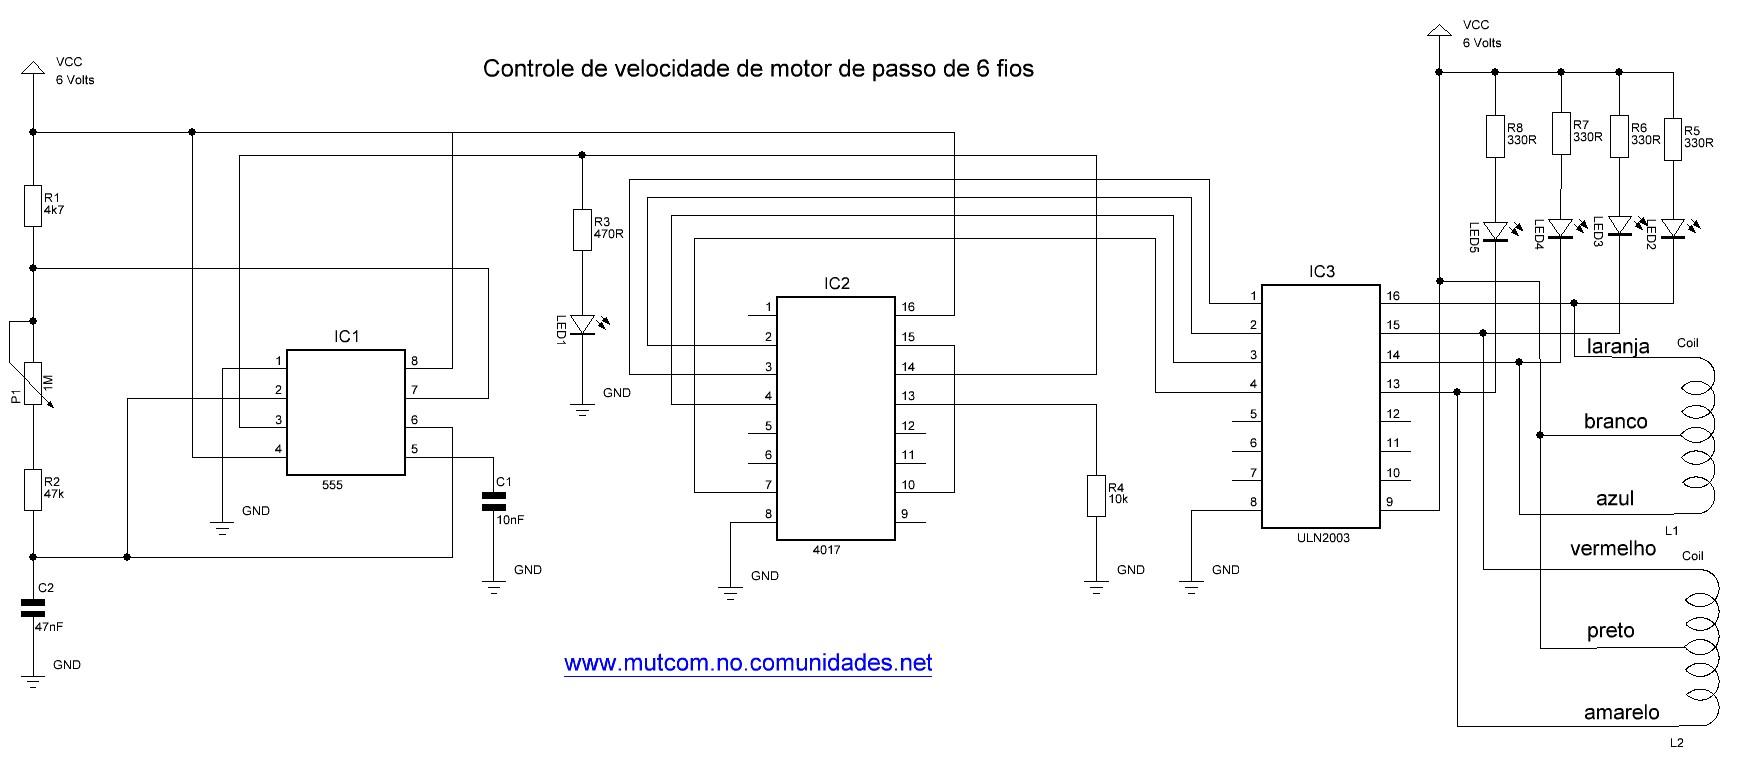 circuitos para montagens